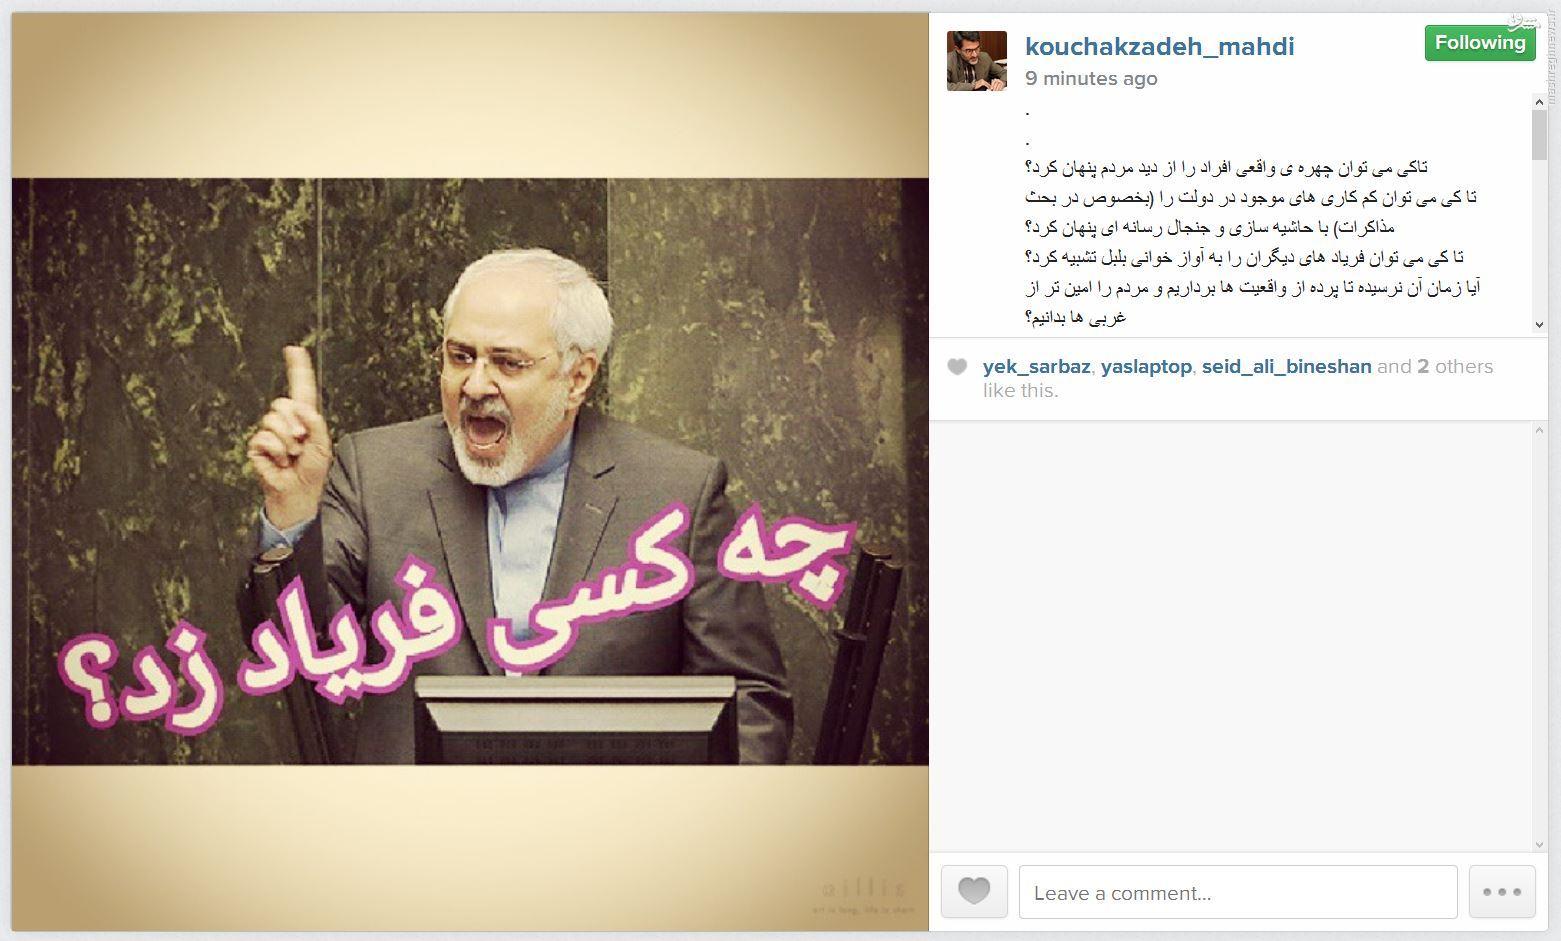 حمله اینستاگرامی کوچکزاده به ظریف